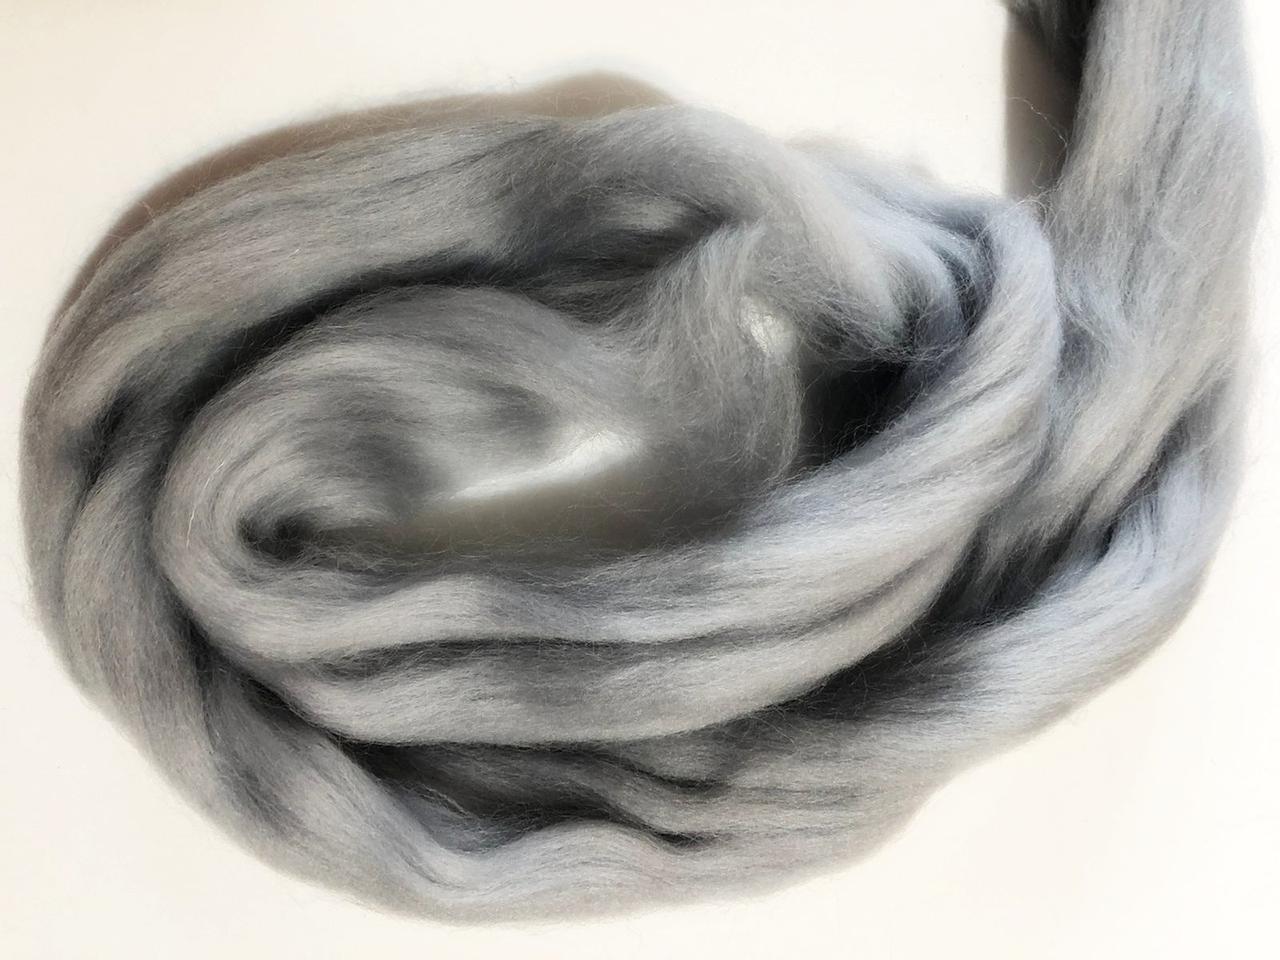 Шерсть для валяния австралийский меринос 23 микрон (10 грамм = 25 см) - серебро серая. Фелтинг. Вовна